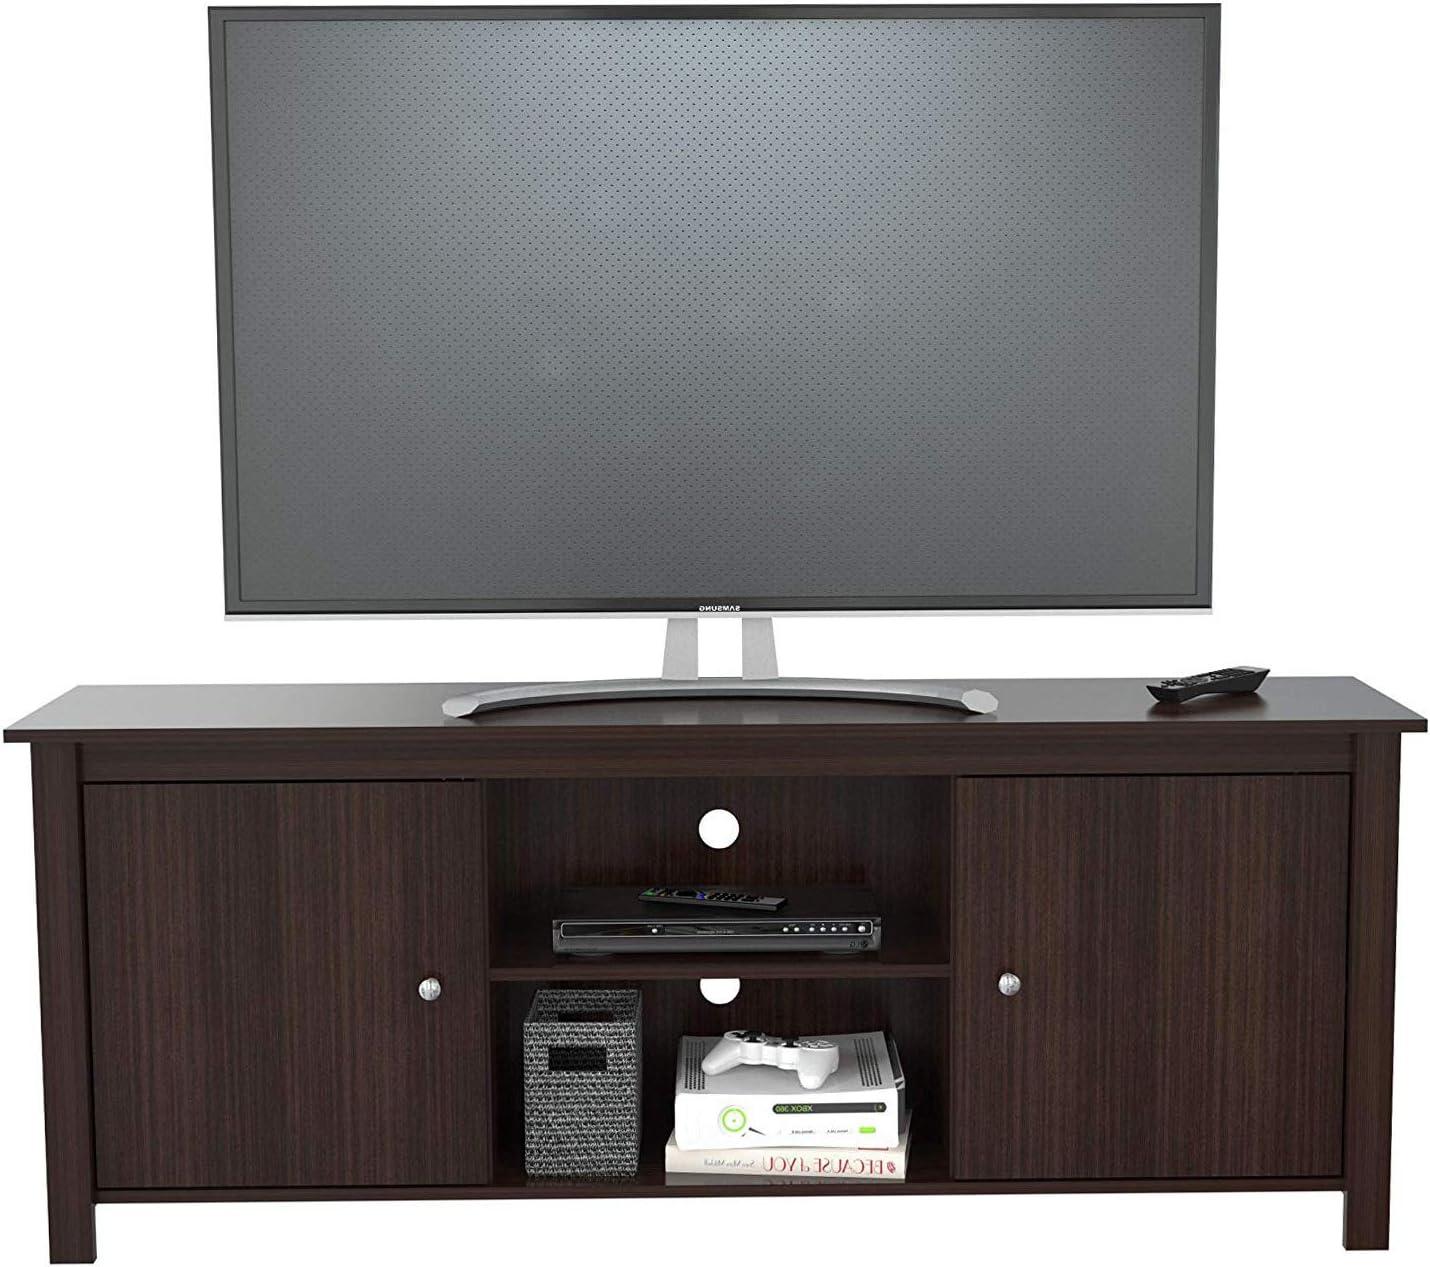 Inväl Deluxe Premium Collection - Mueble de Madera para TV de 60 Pulgadas en Espresso-wengue: Amazon.es: Hogar